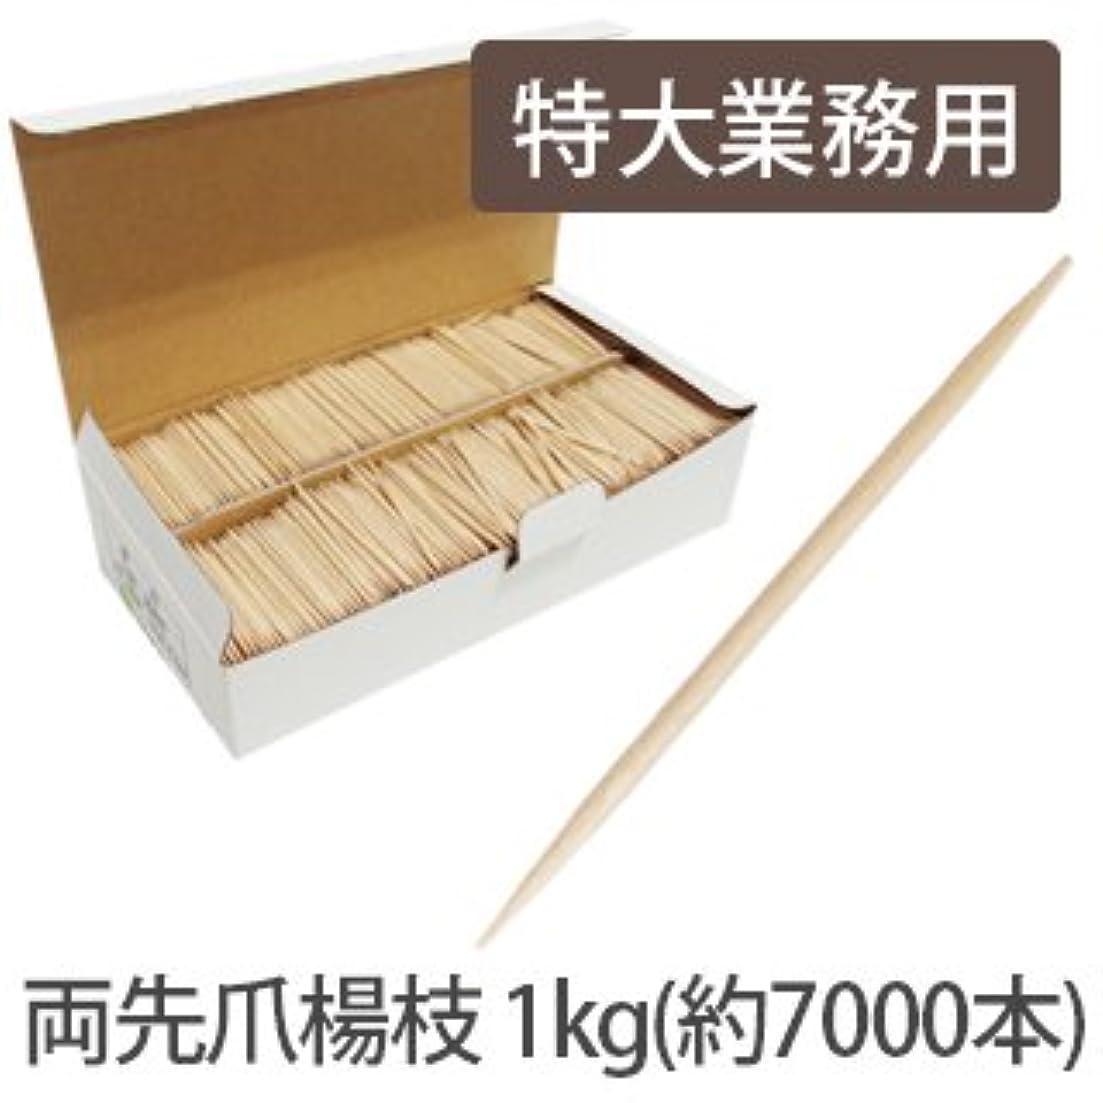 大統領木製滑り台美容専門 両先爪楊枝 約7000本 1Kg入 特大業務用